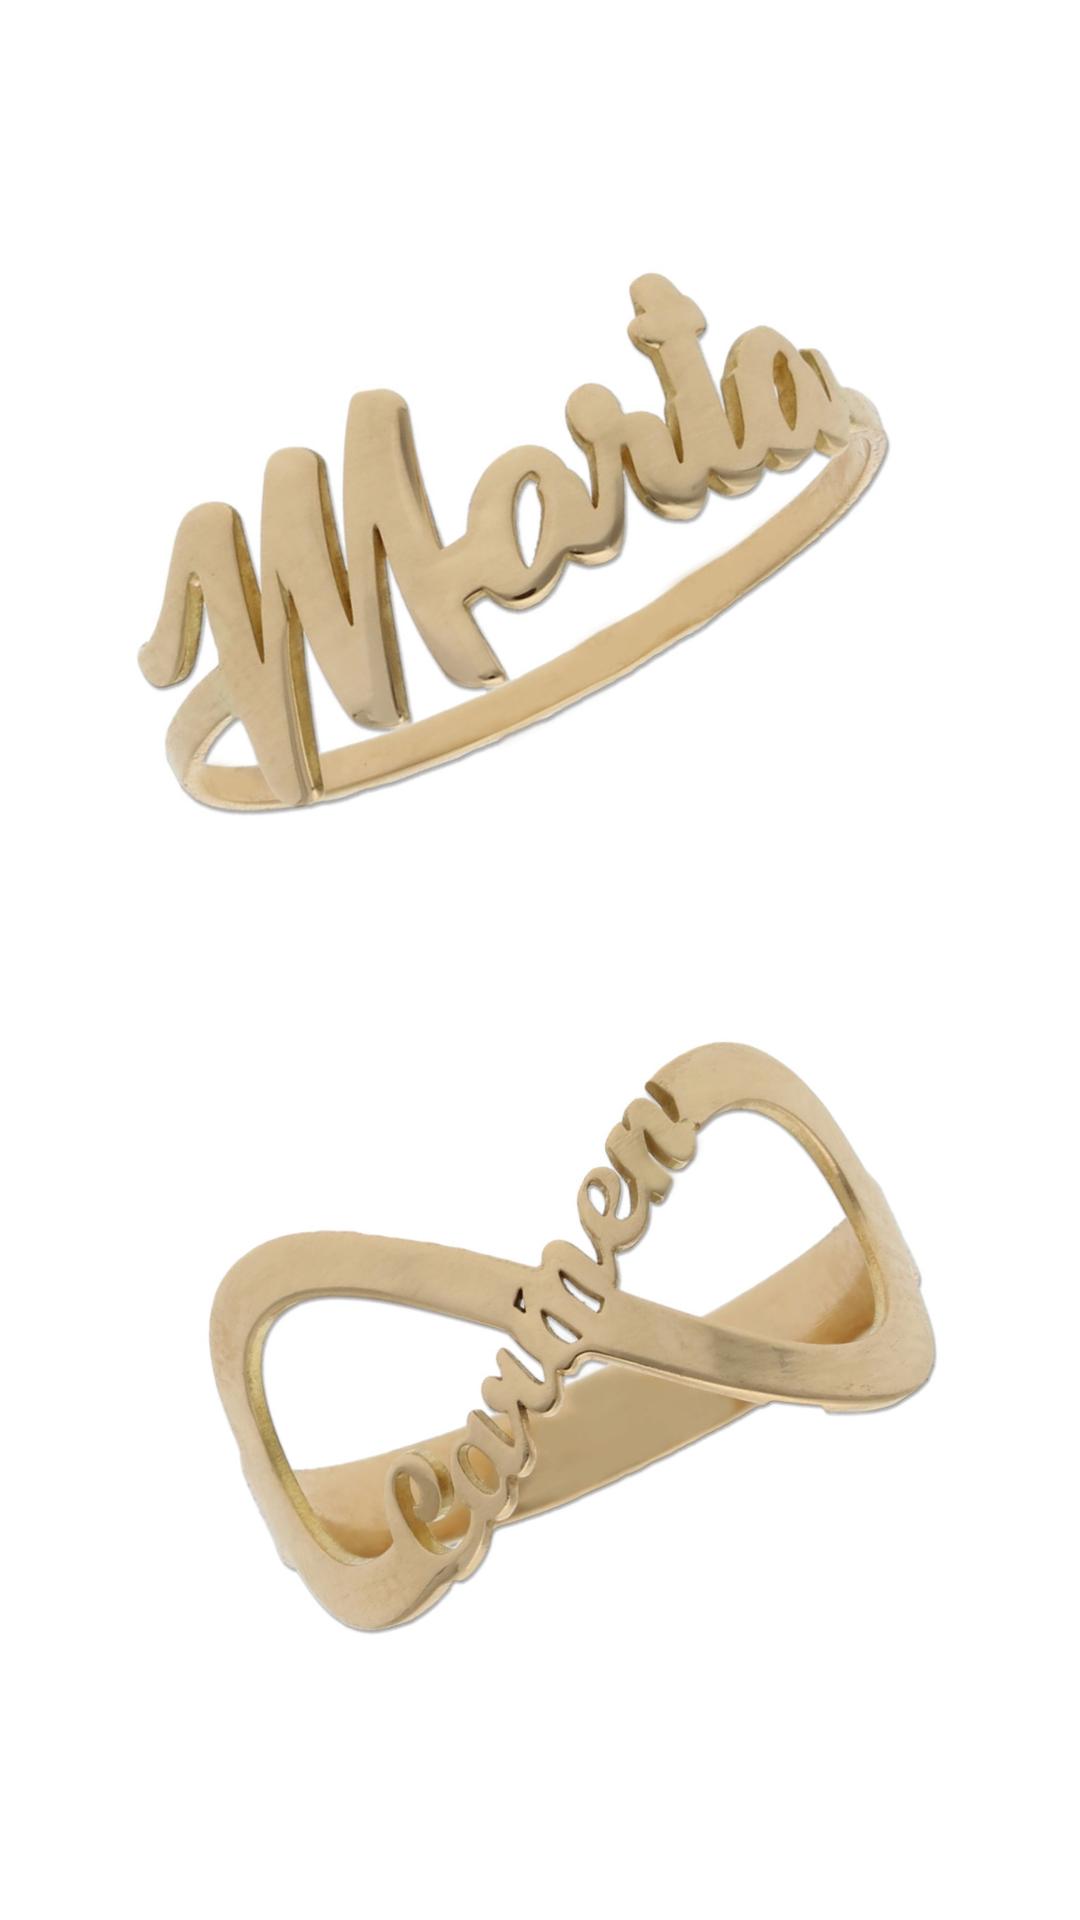 e1add674045f Anillos de oro 18K personalizados  joyas  anillos  sortijas  oro  gold